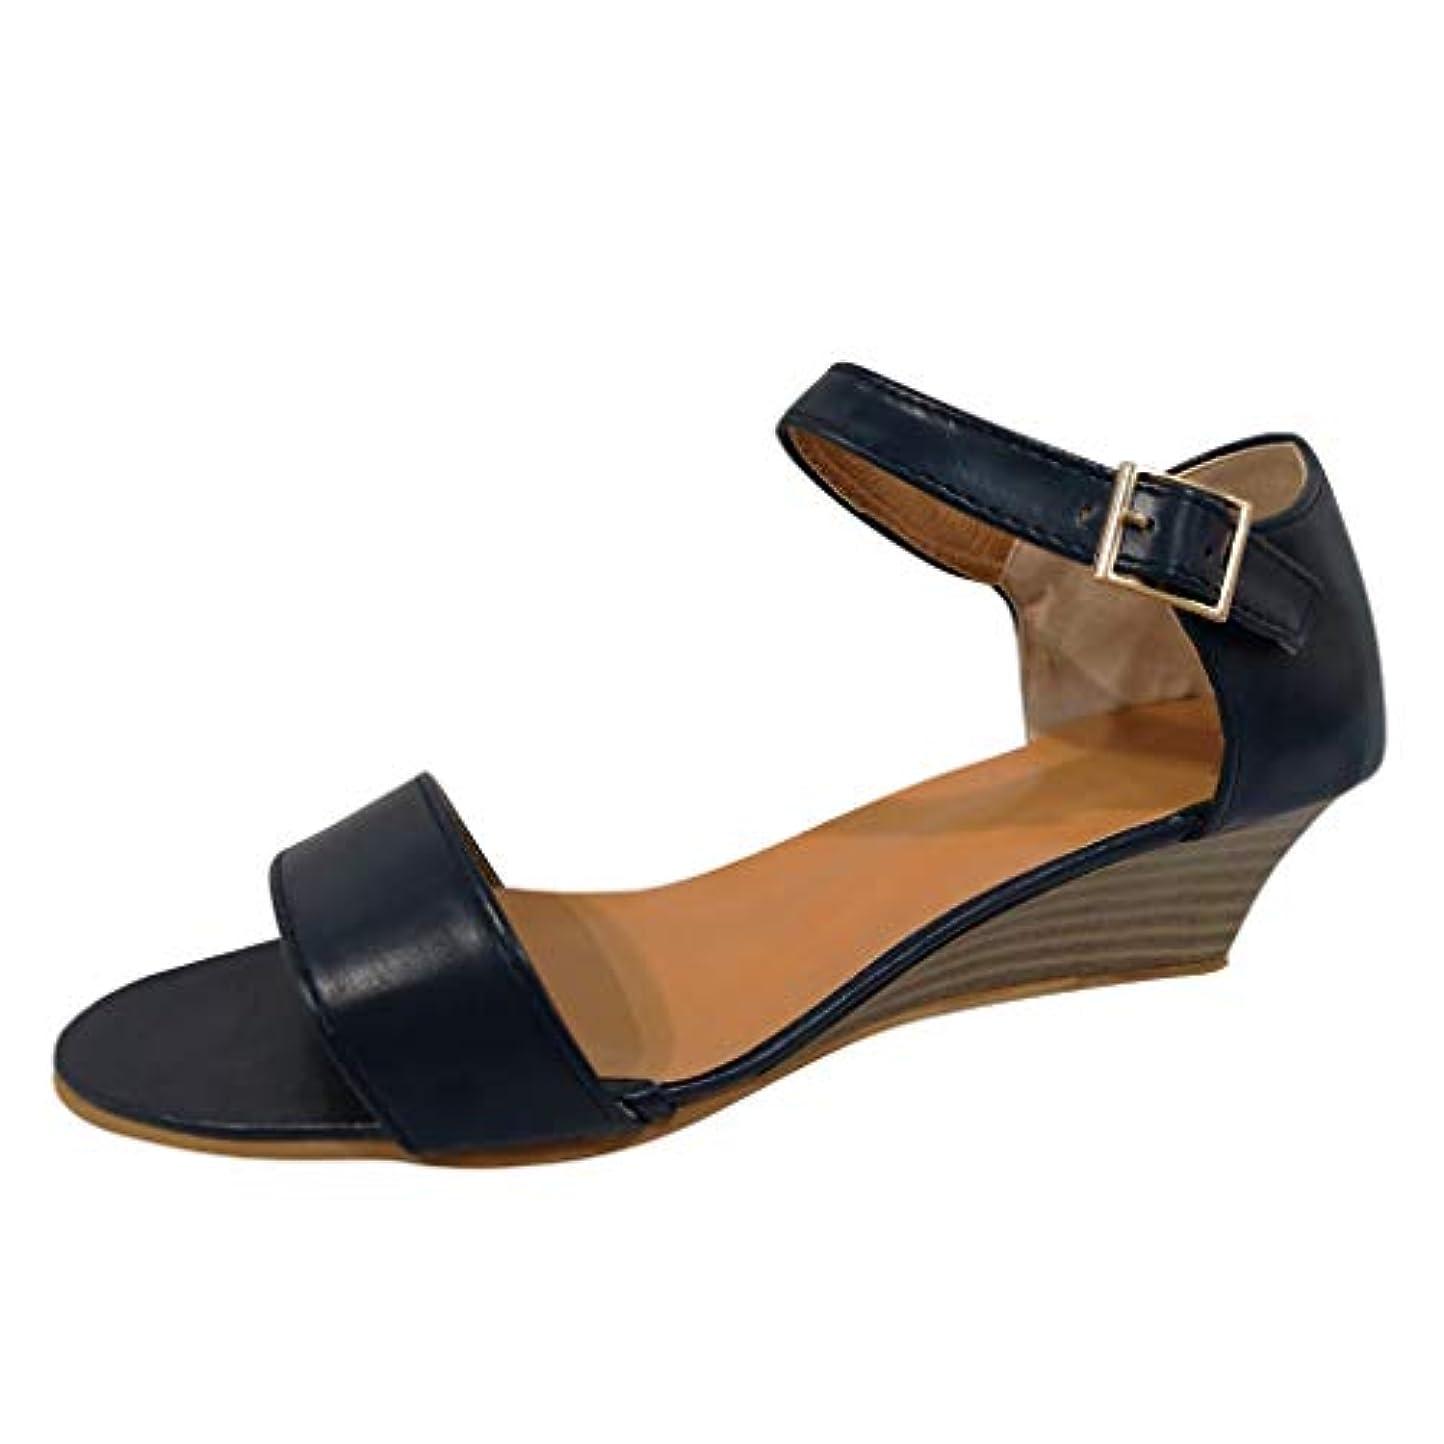 ほとんどの場合ナサニエル区ビヨン美脚 ウェッジソール Foreted ミュール サンダル ローヒール 黒 ウエッジ 靴 歩きやすい 疲れないカジュアル コンフォートサンダル ストラップ 痛くない